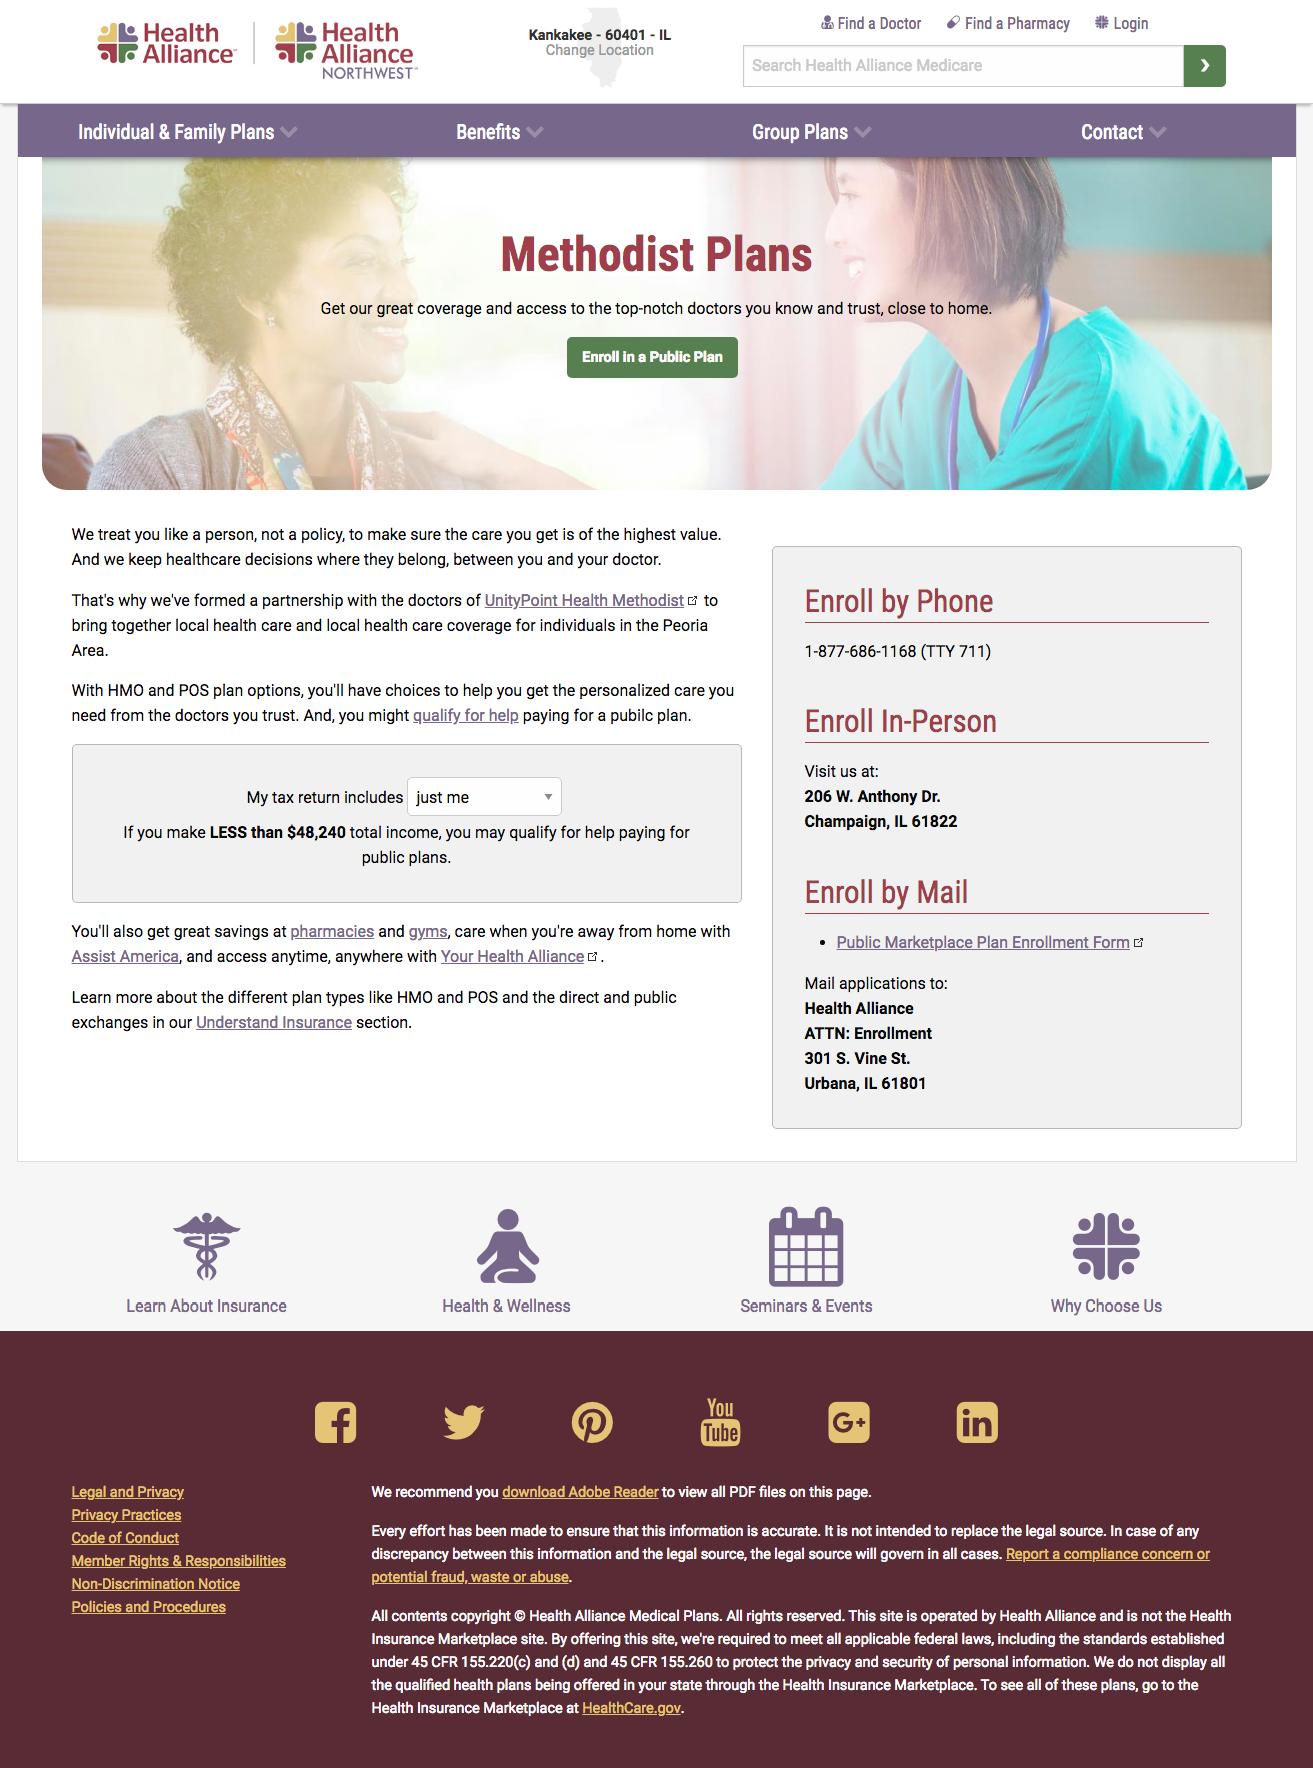 Methodist plan landing page